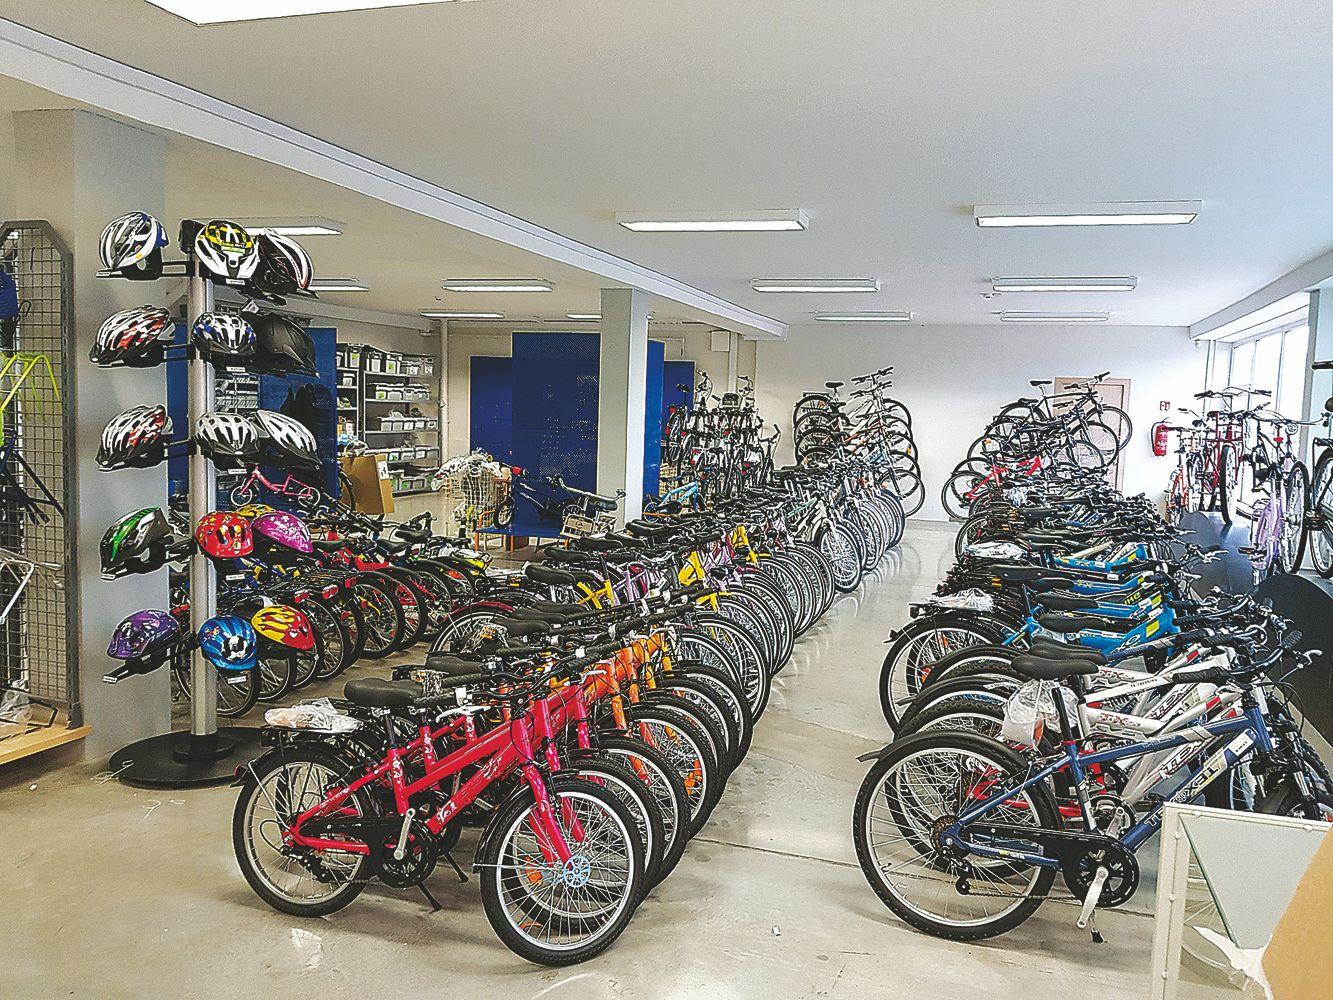 Didžiausias Šiaurės Europos dviračių gamintojas pardavinėti mokosi iš smulkiųjų